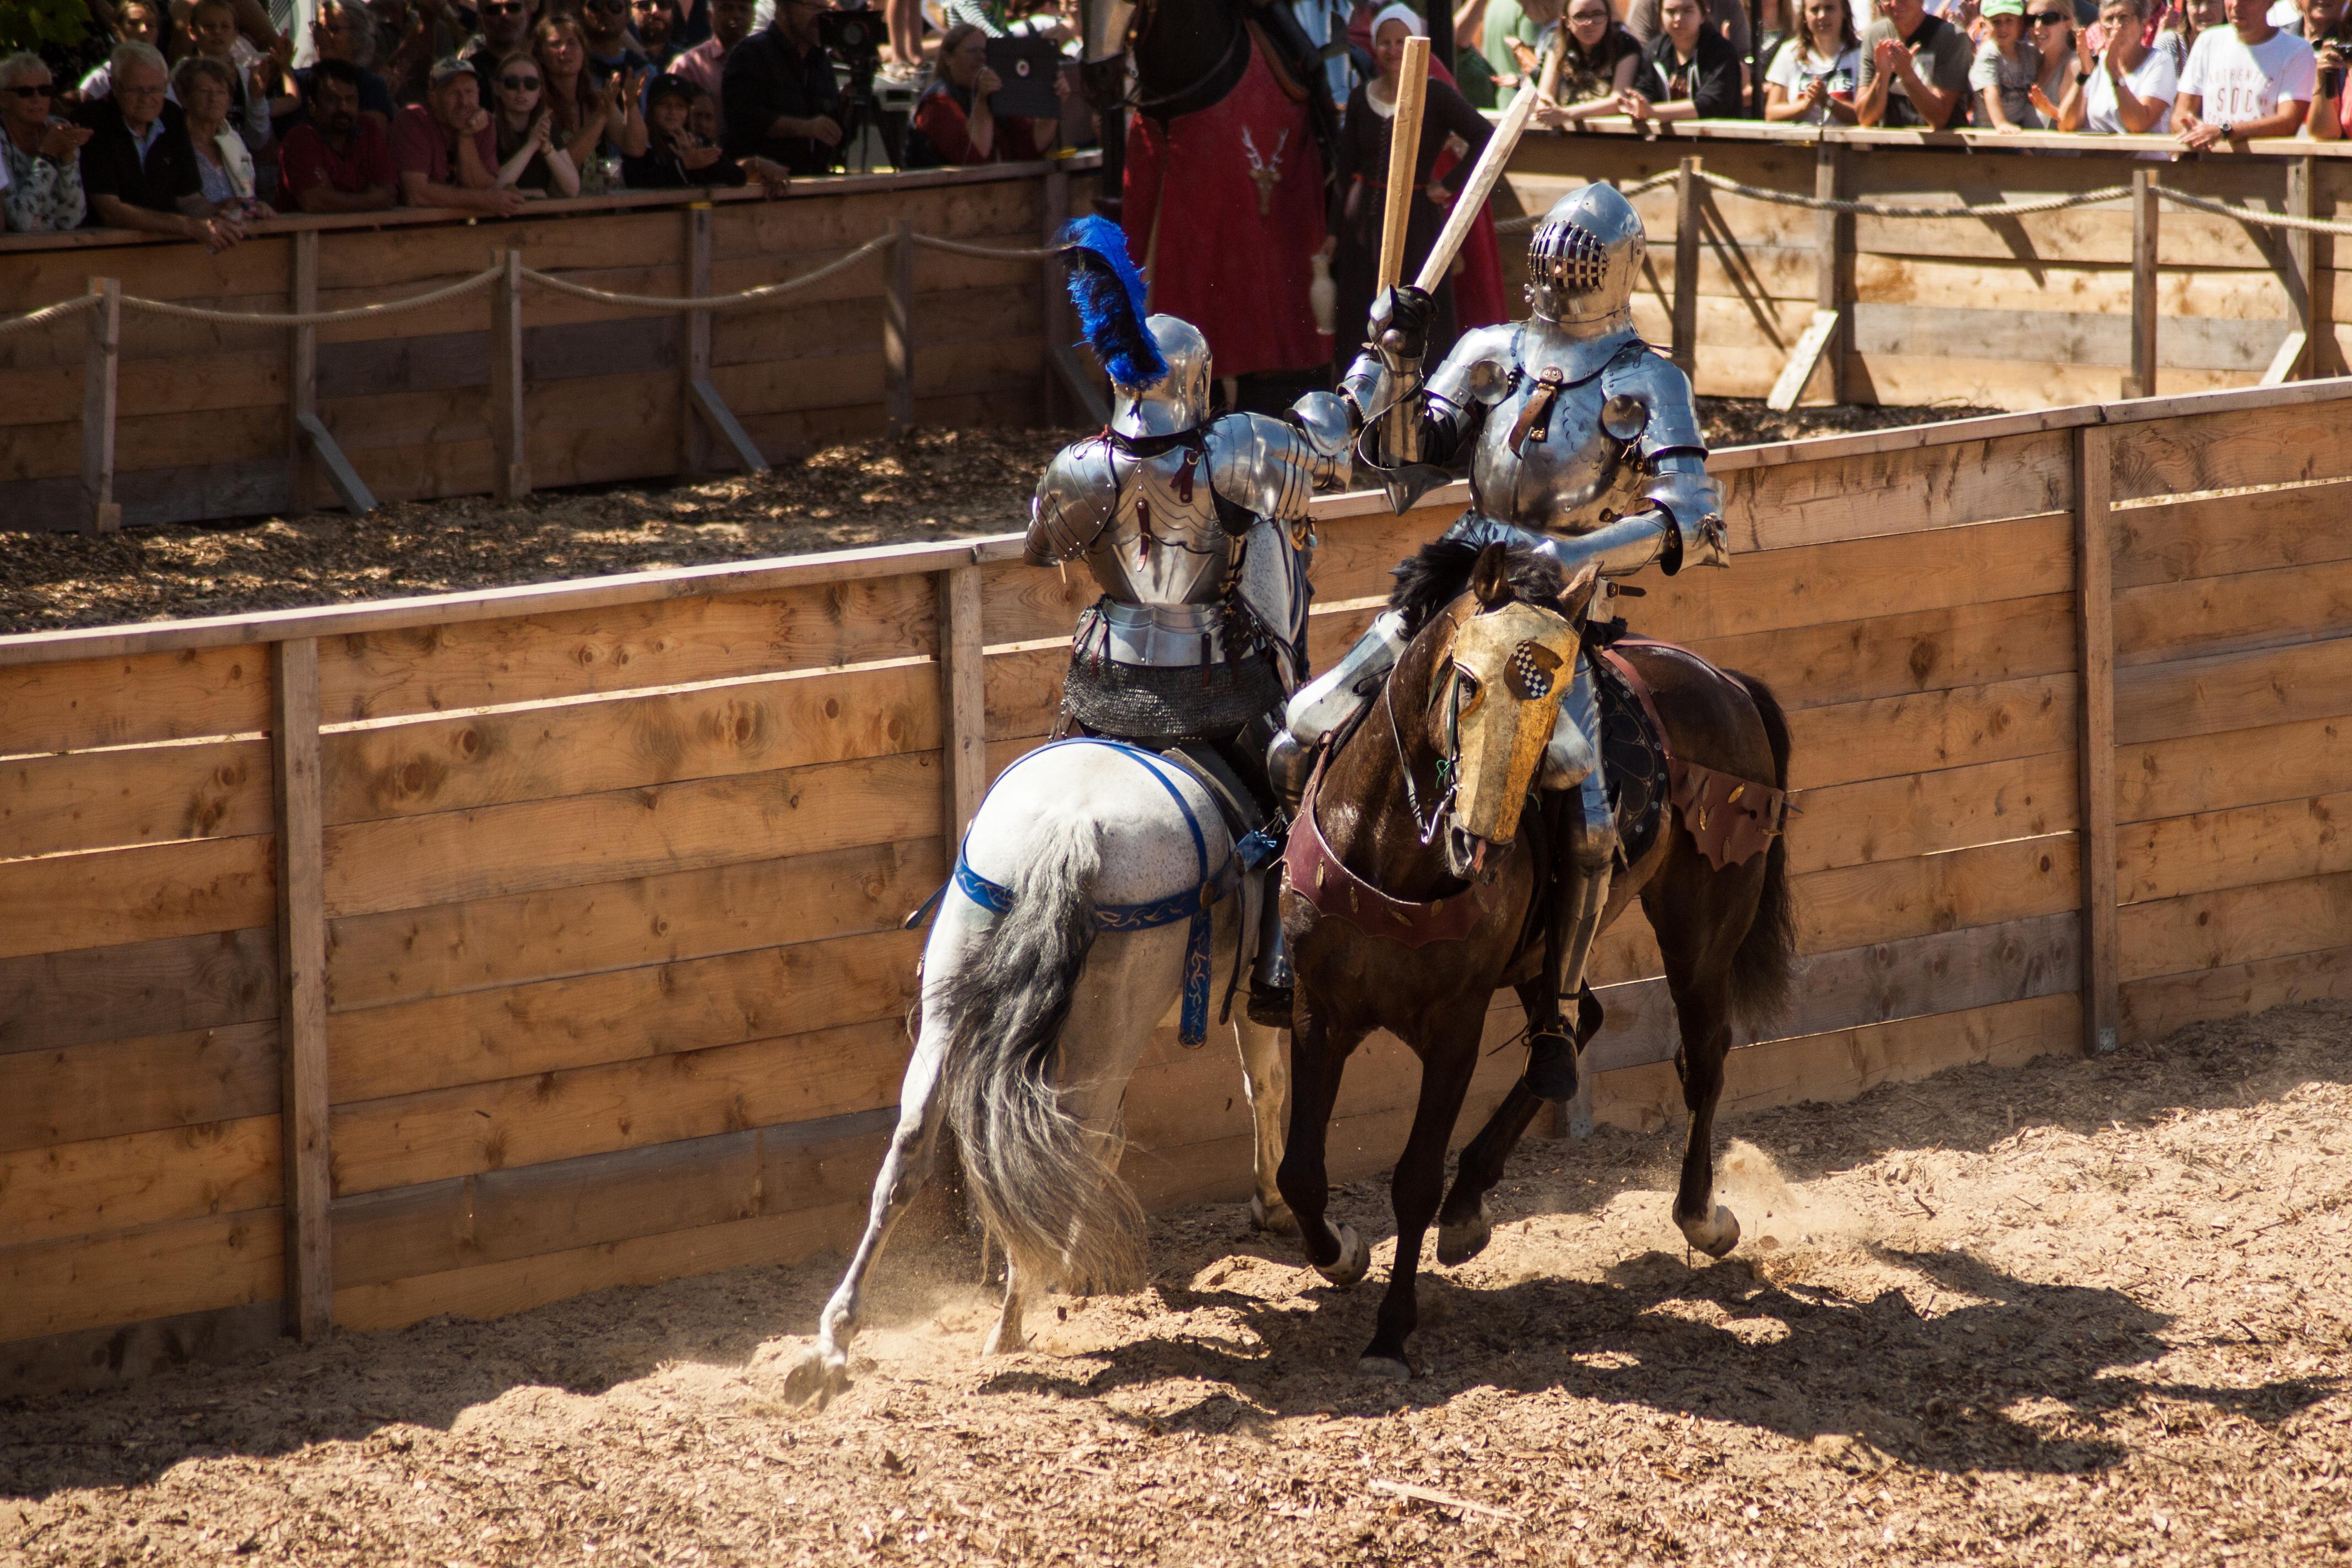 Ridder Wouter Nicolai strijdt op zijn paard om de eer van het toernooiveld